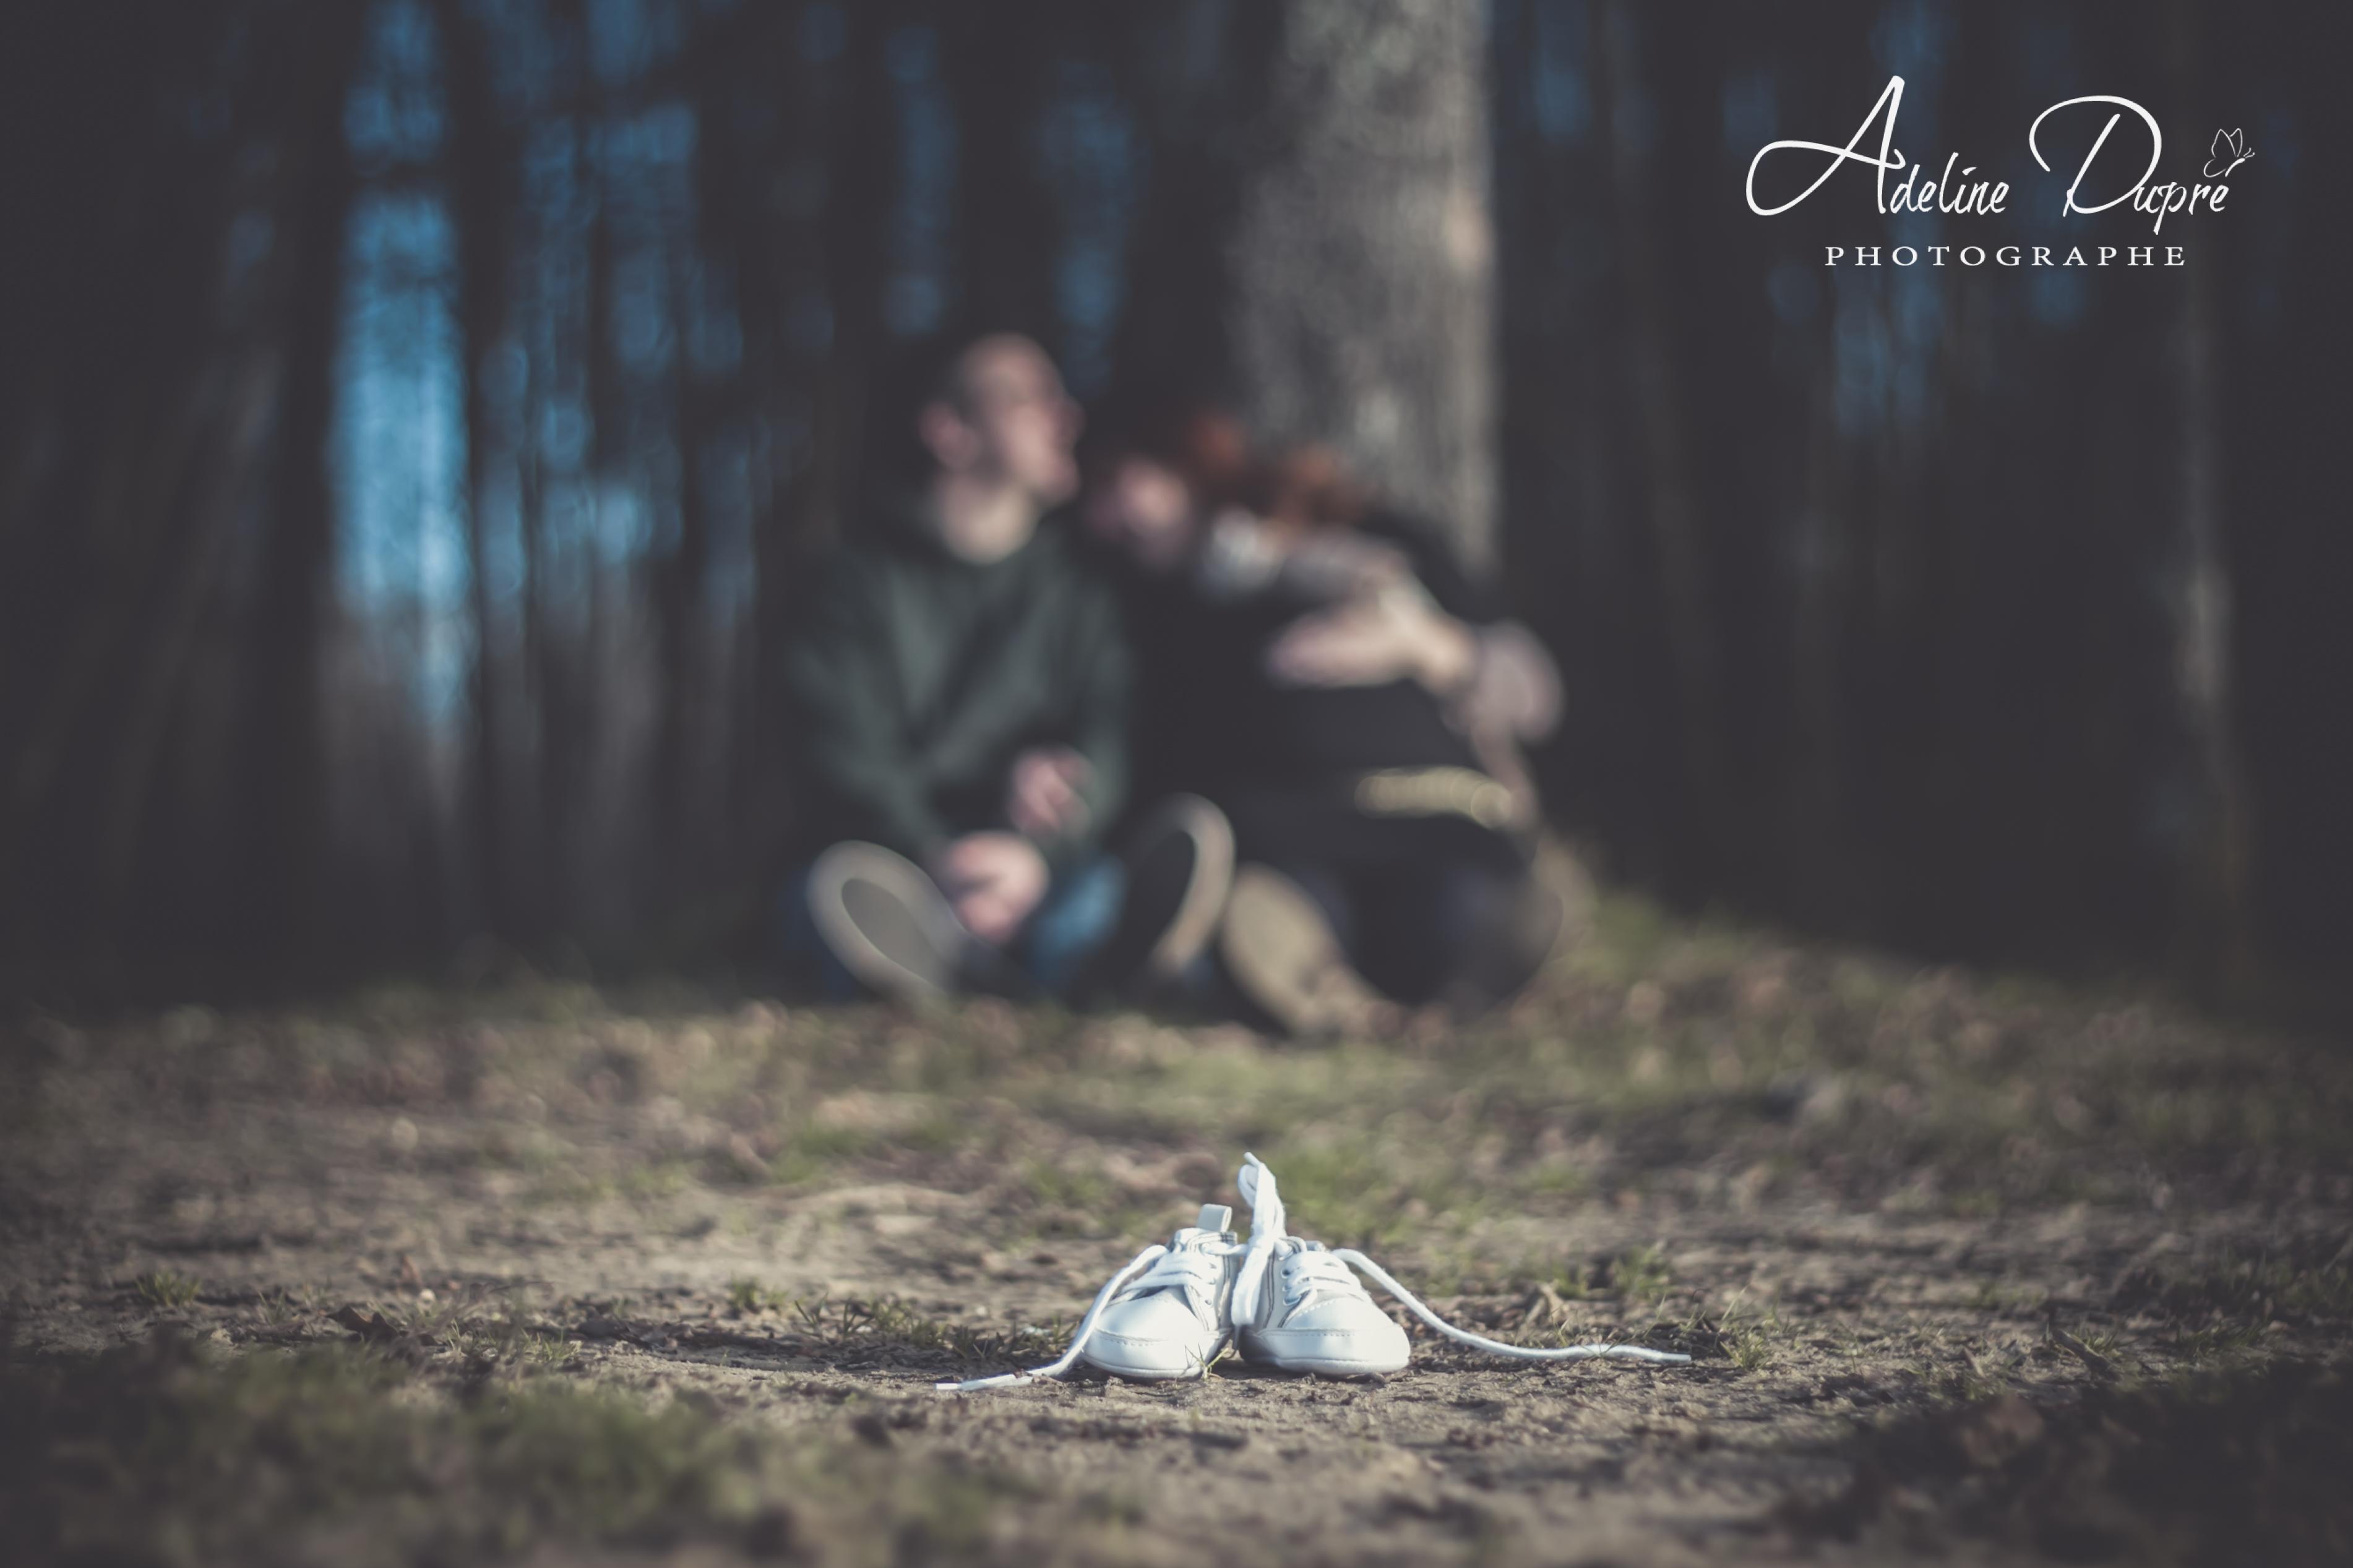 A2line_Photos-adeline_dupre_photographe_auxerre_yonne_grossesse_bebe_maternité